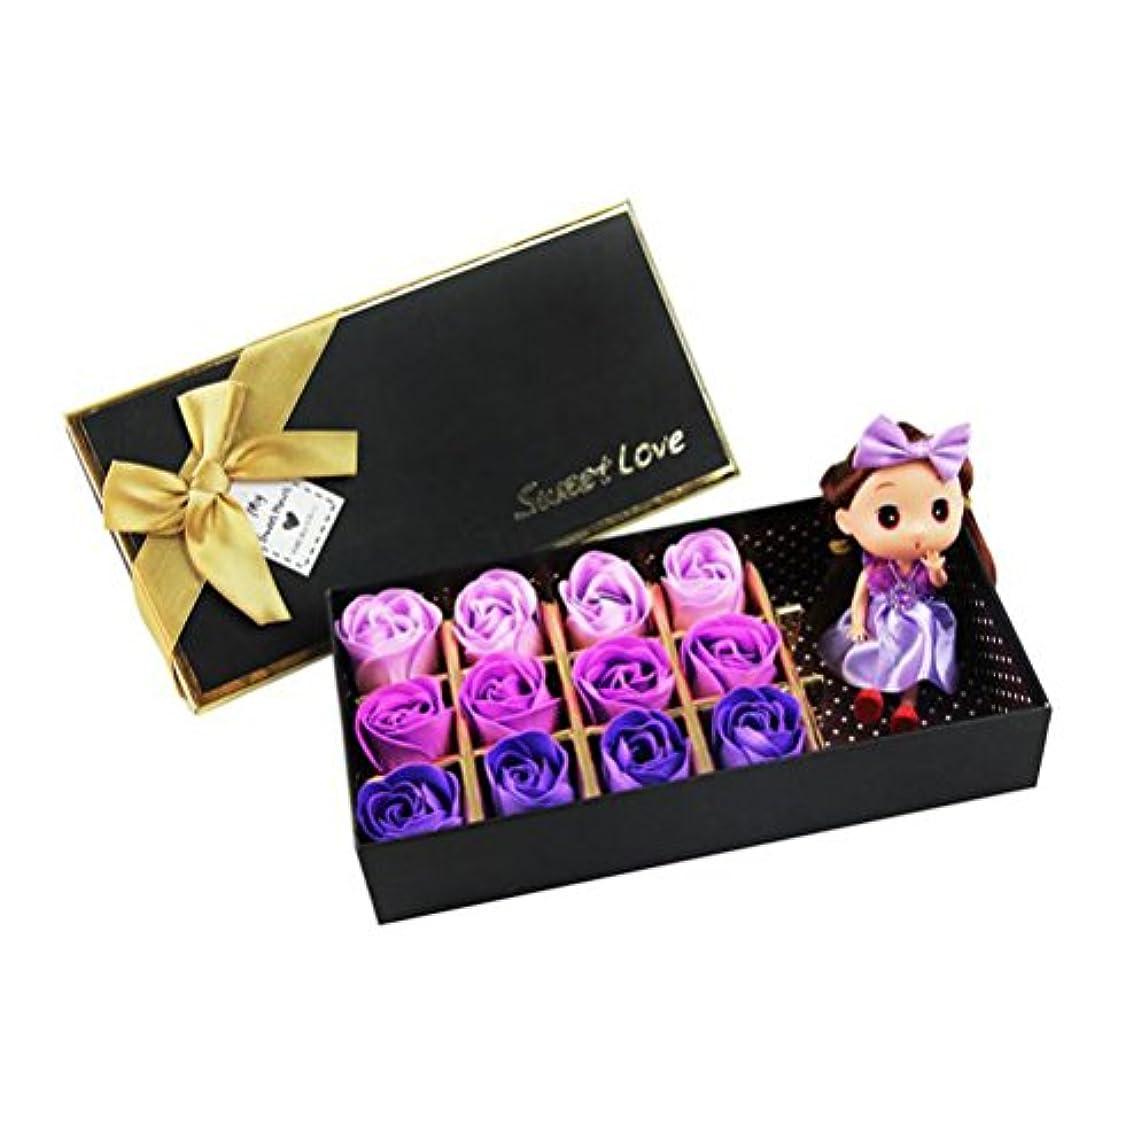 ホップレザー最適ROSENICE 香り バラ 花 お風呂 石鹸 ギフトボックス (紫)